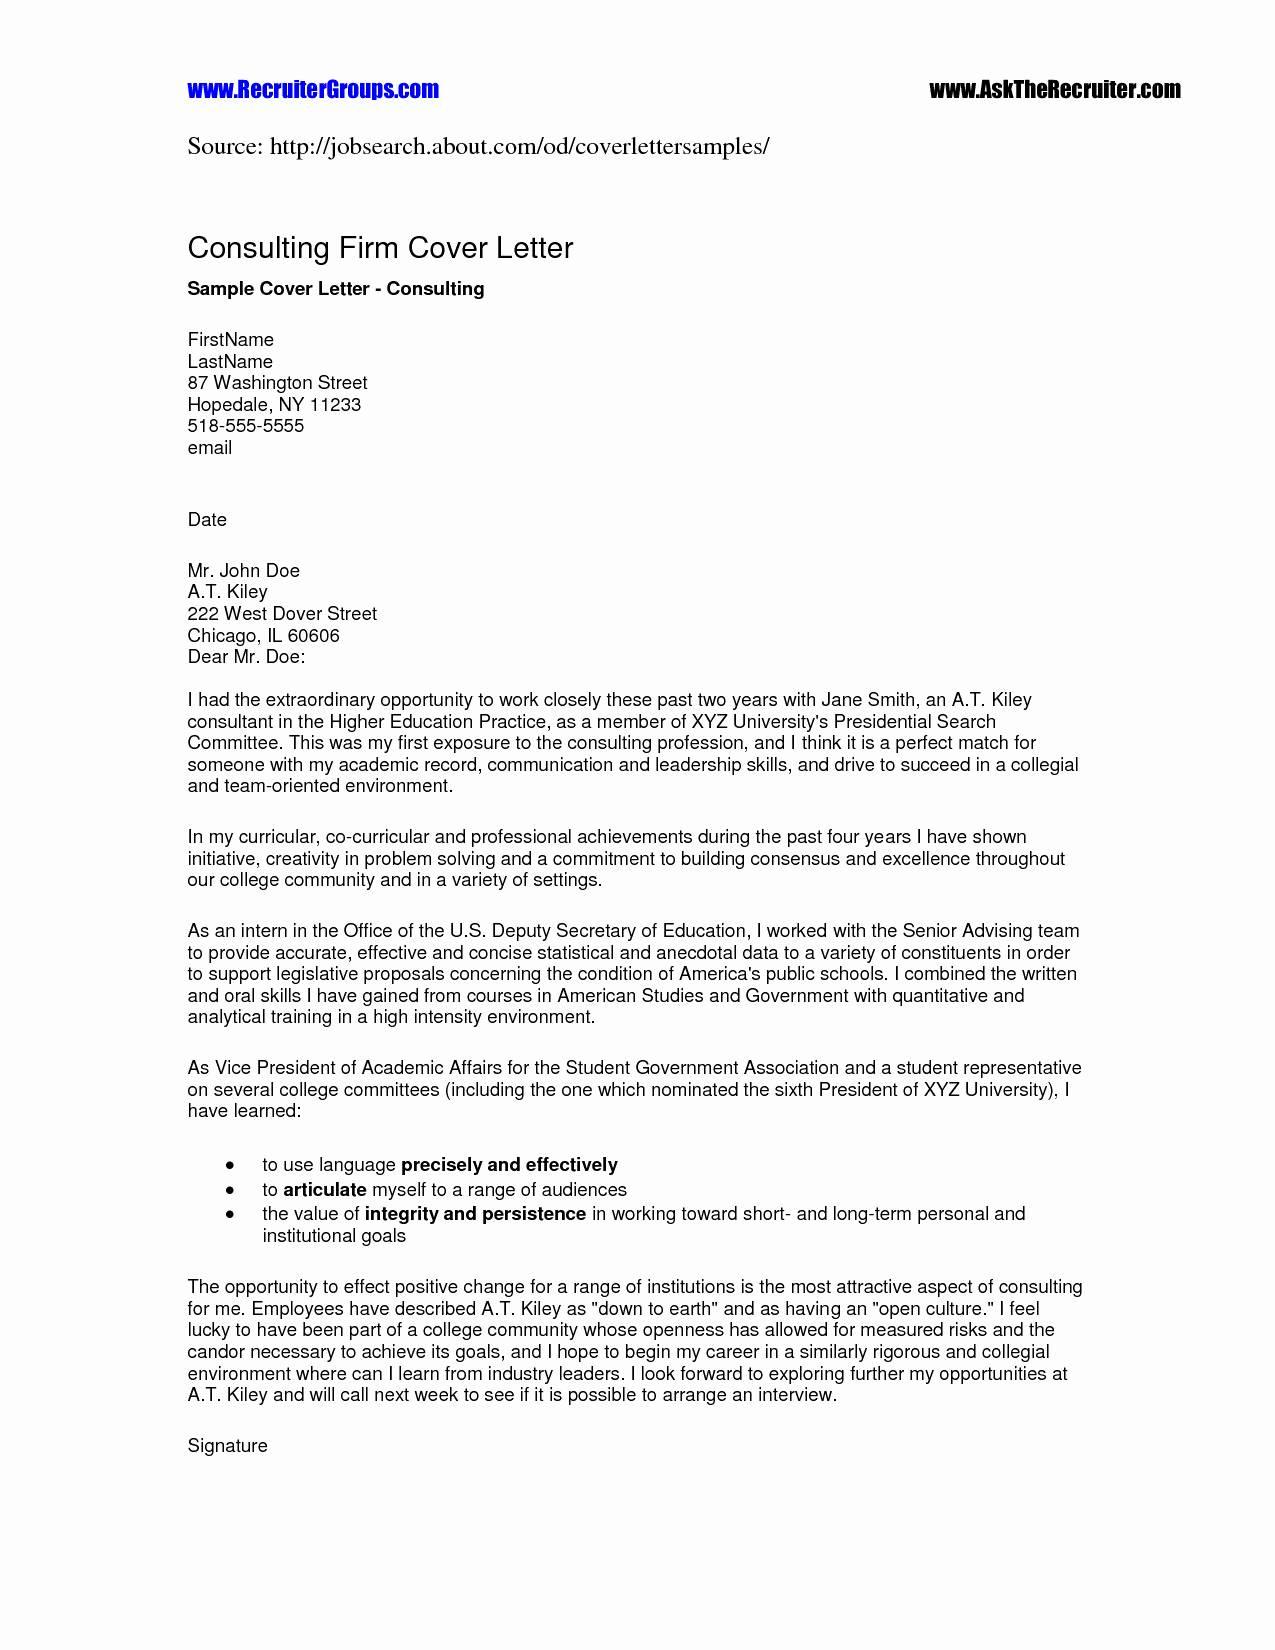 Artist Cover Letter Template - Art Teacher Cover Letters Lovely Sample Cover Letter Consultant